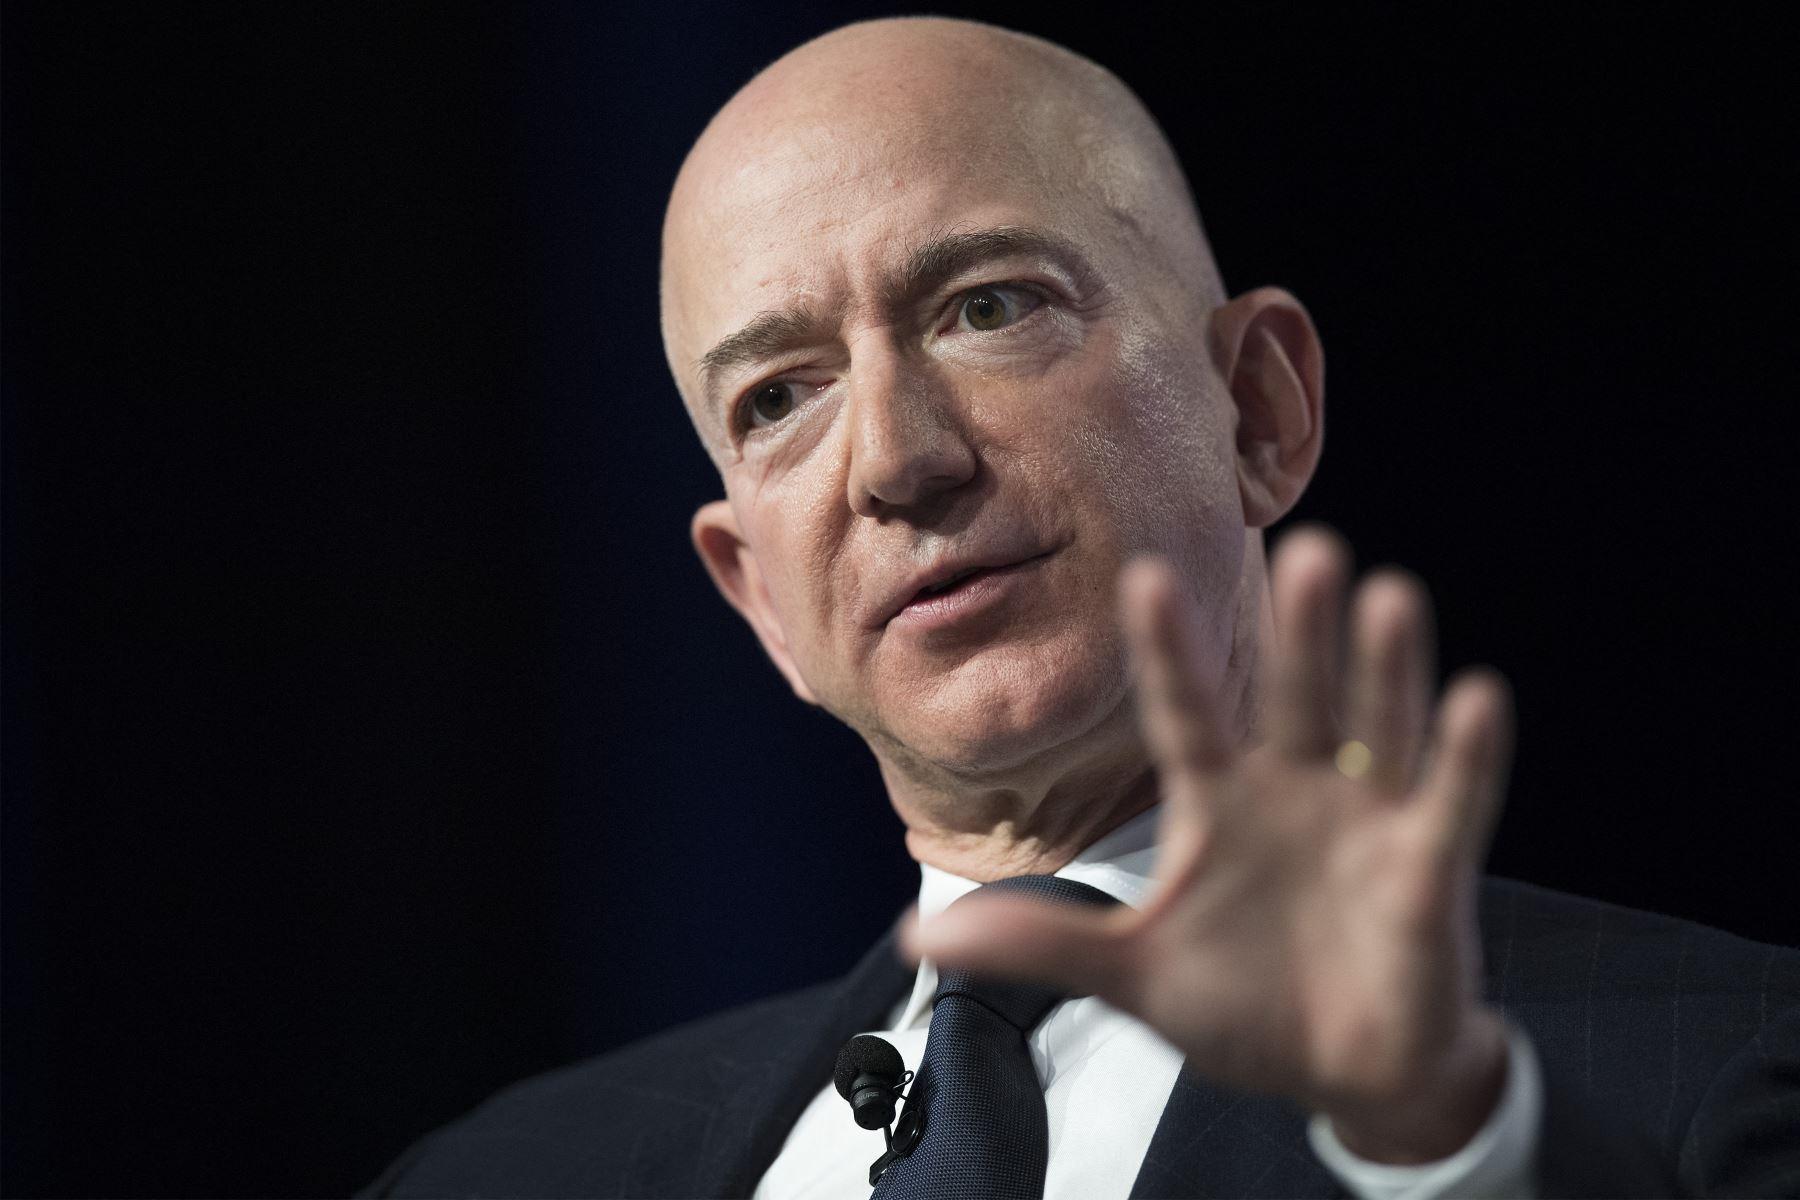 El fundador de Amazon, Jeff Bezos, encabeza por cuarto año consecutivo la lista de las personas más ricas del mundo seguido por el fundador de Tesla, Elon Musk. Foto: AFP